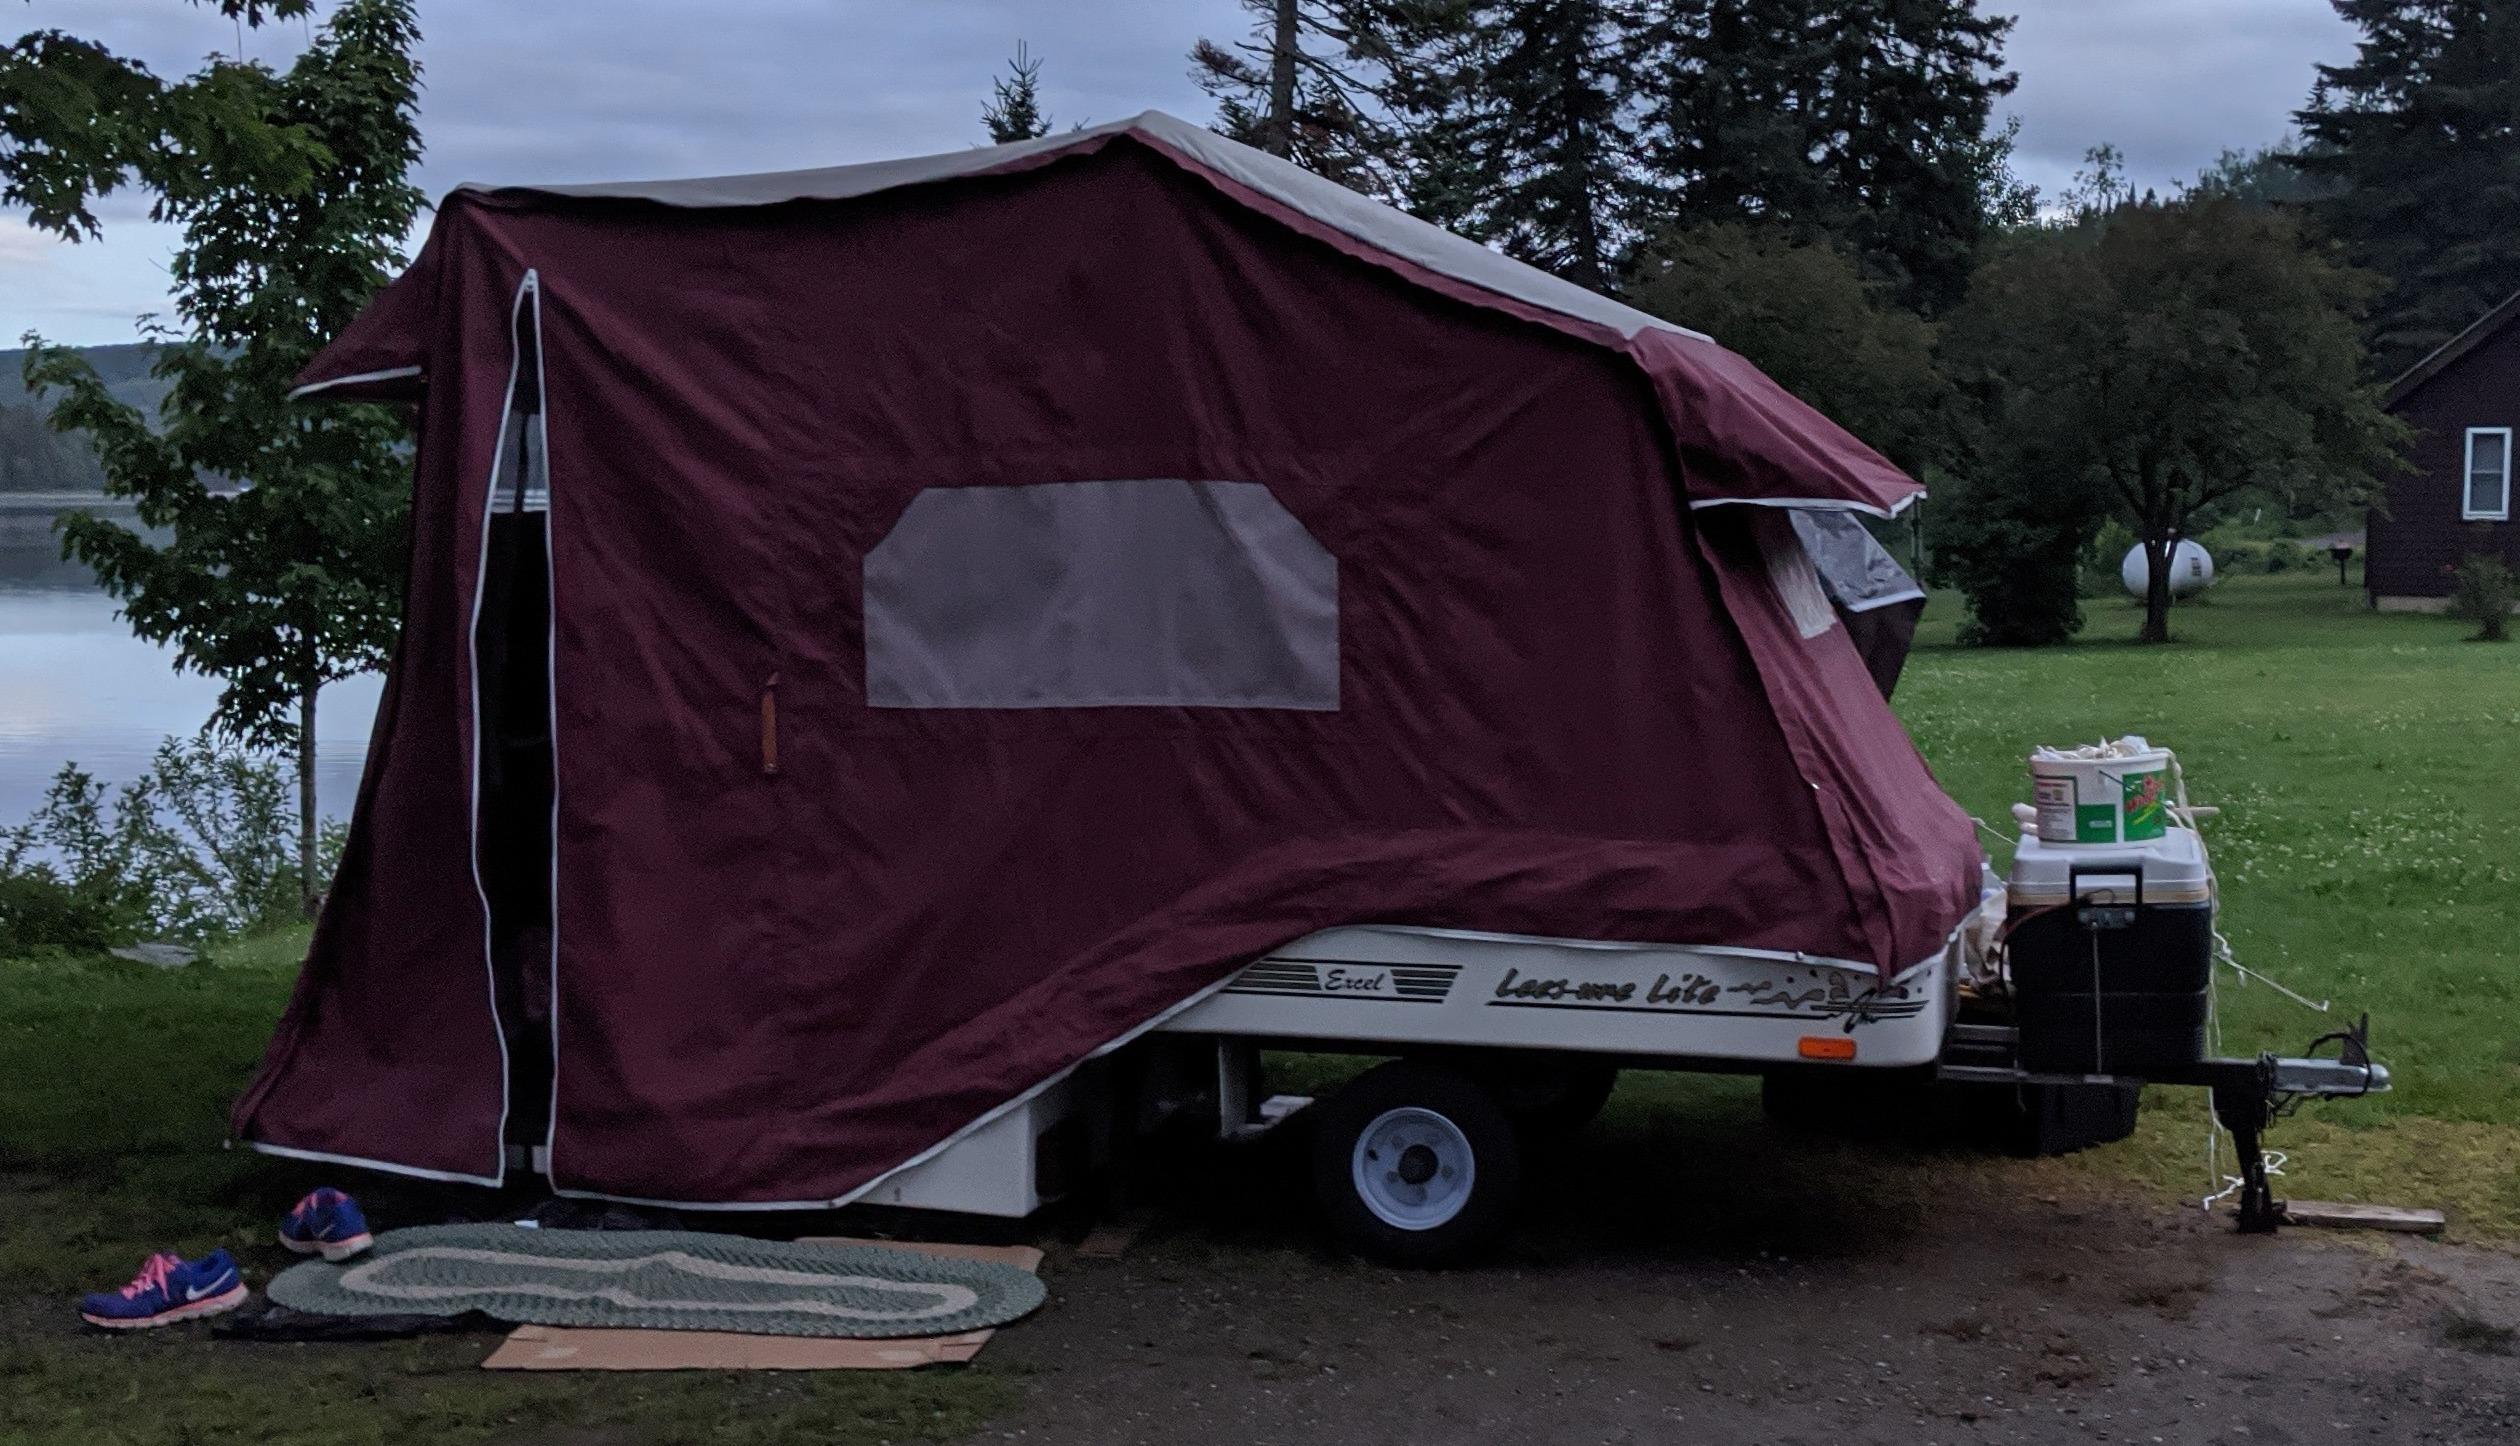 Side view of our fully opened camper. Leesurelite Excel 2001